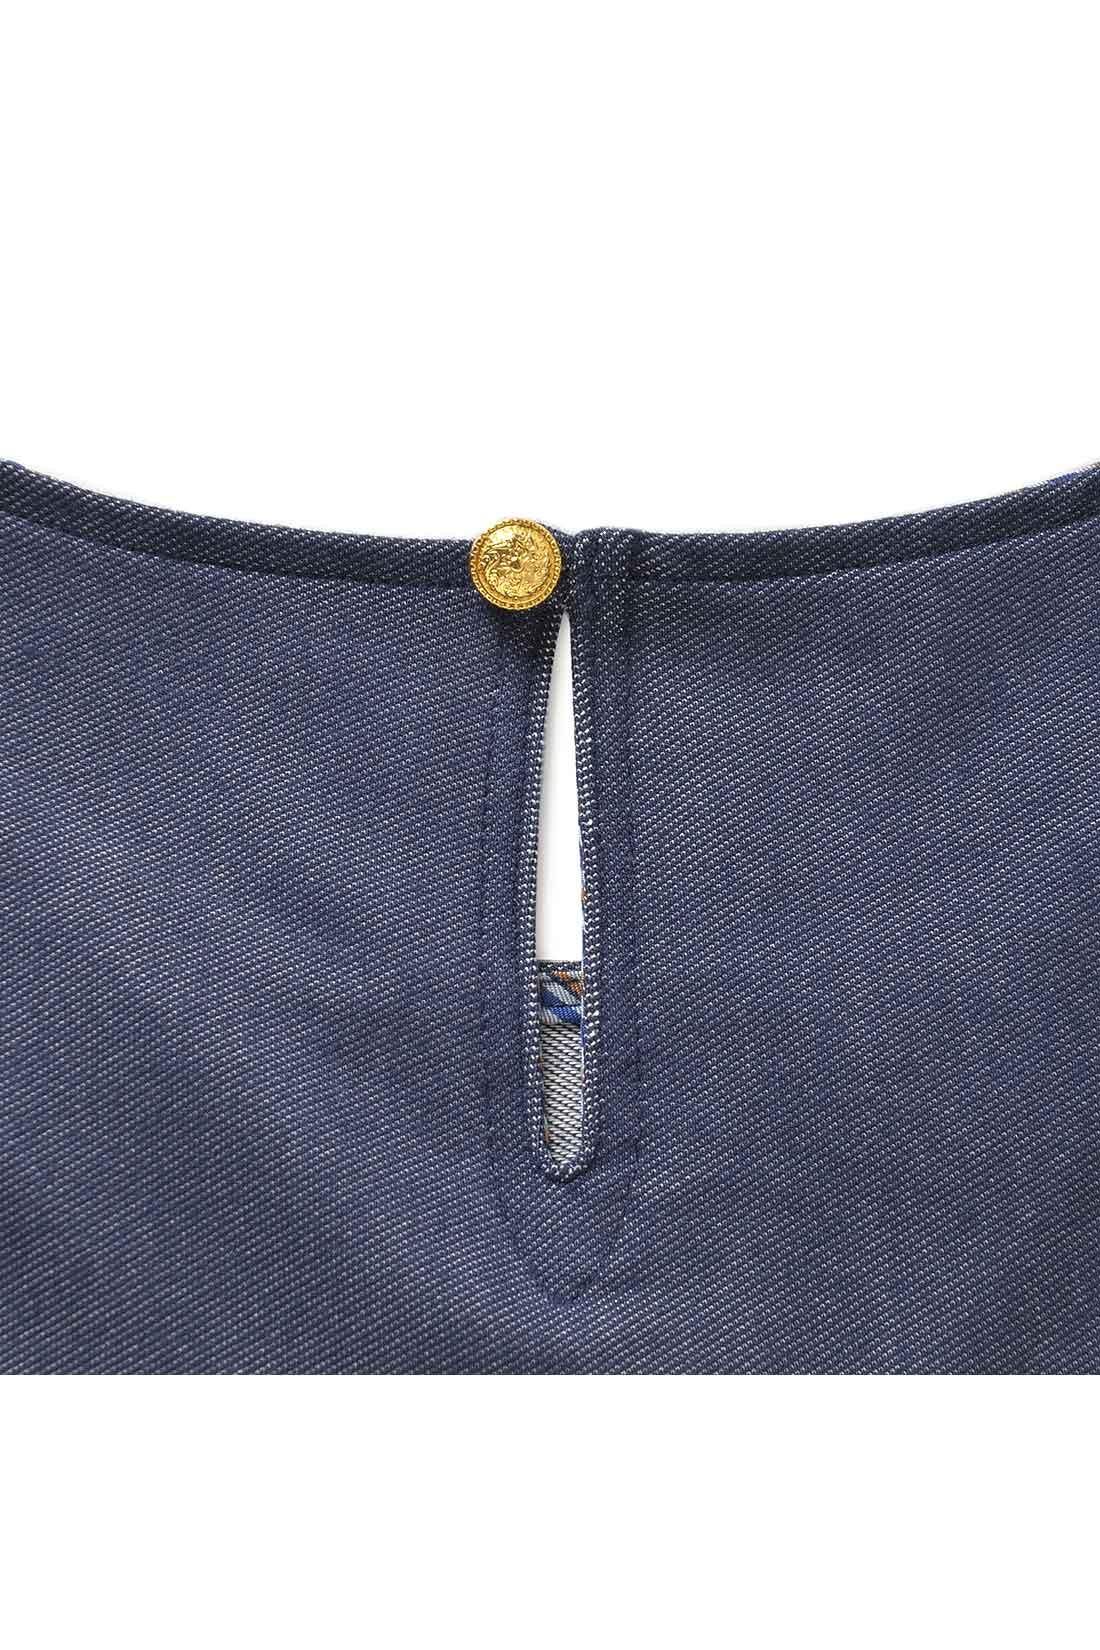 スリットと金色ボタンをほどこして、バックスタイルも女性らしく。